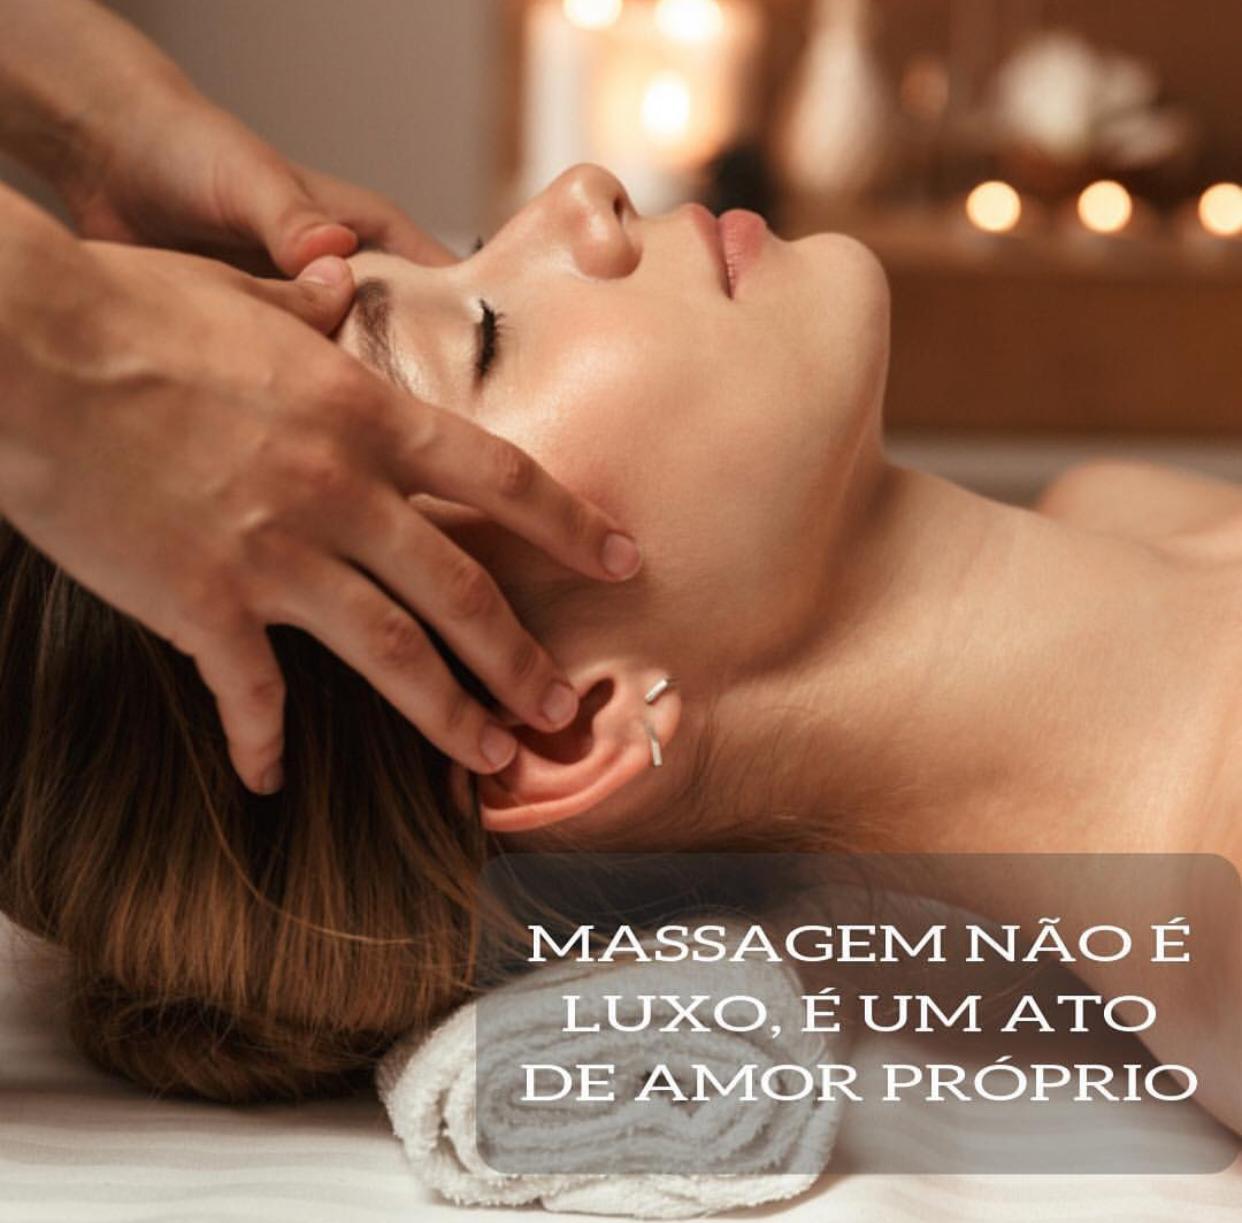 Massagem é só para relaxar? Conheça os benefícios de cada técnica